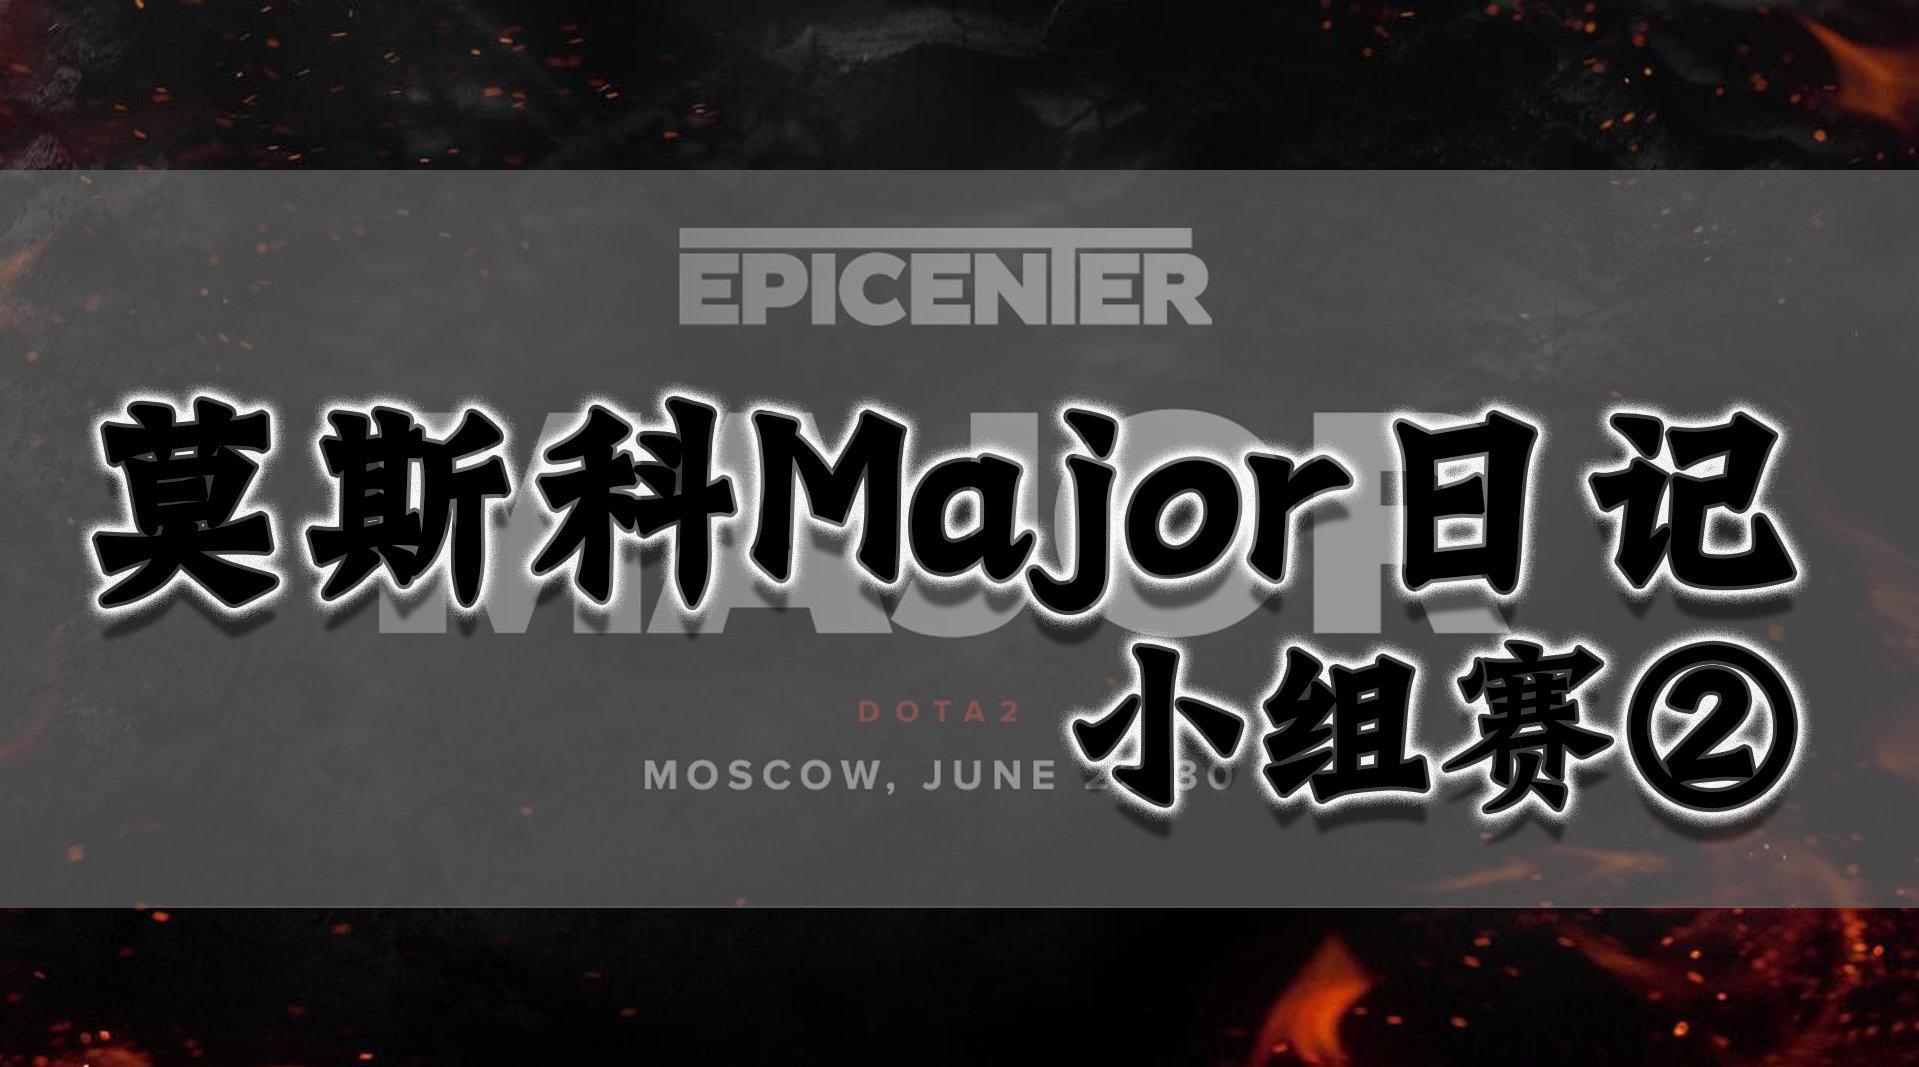 阿笙莫斯科Major日记小组赛②:有惊无险